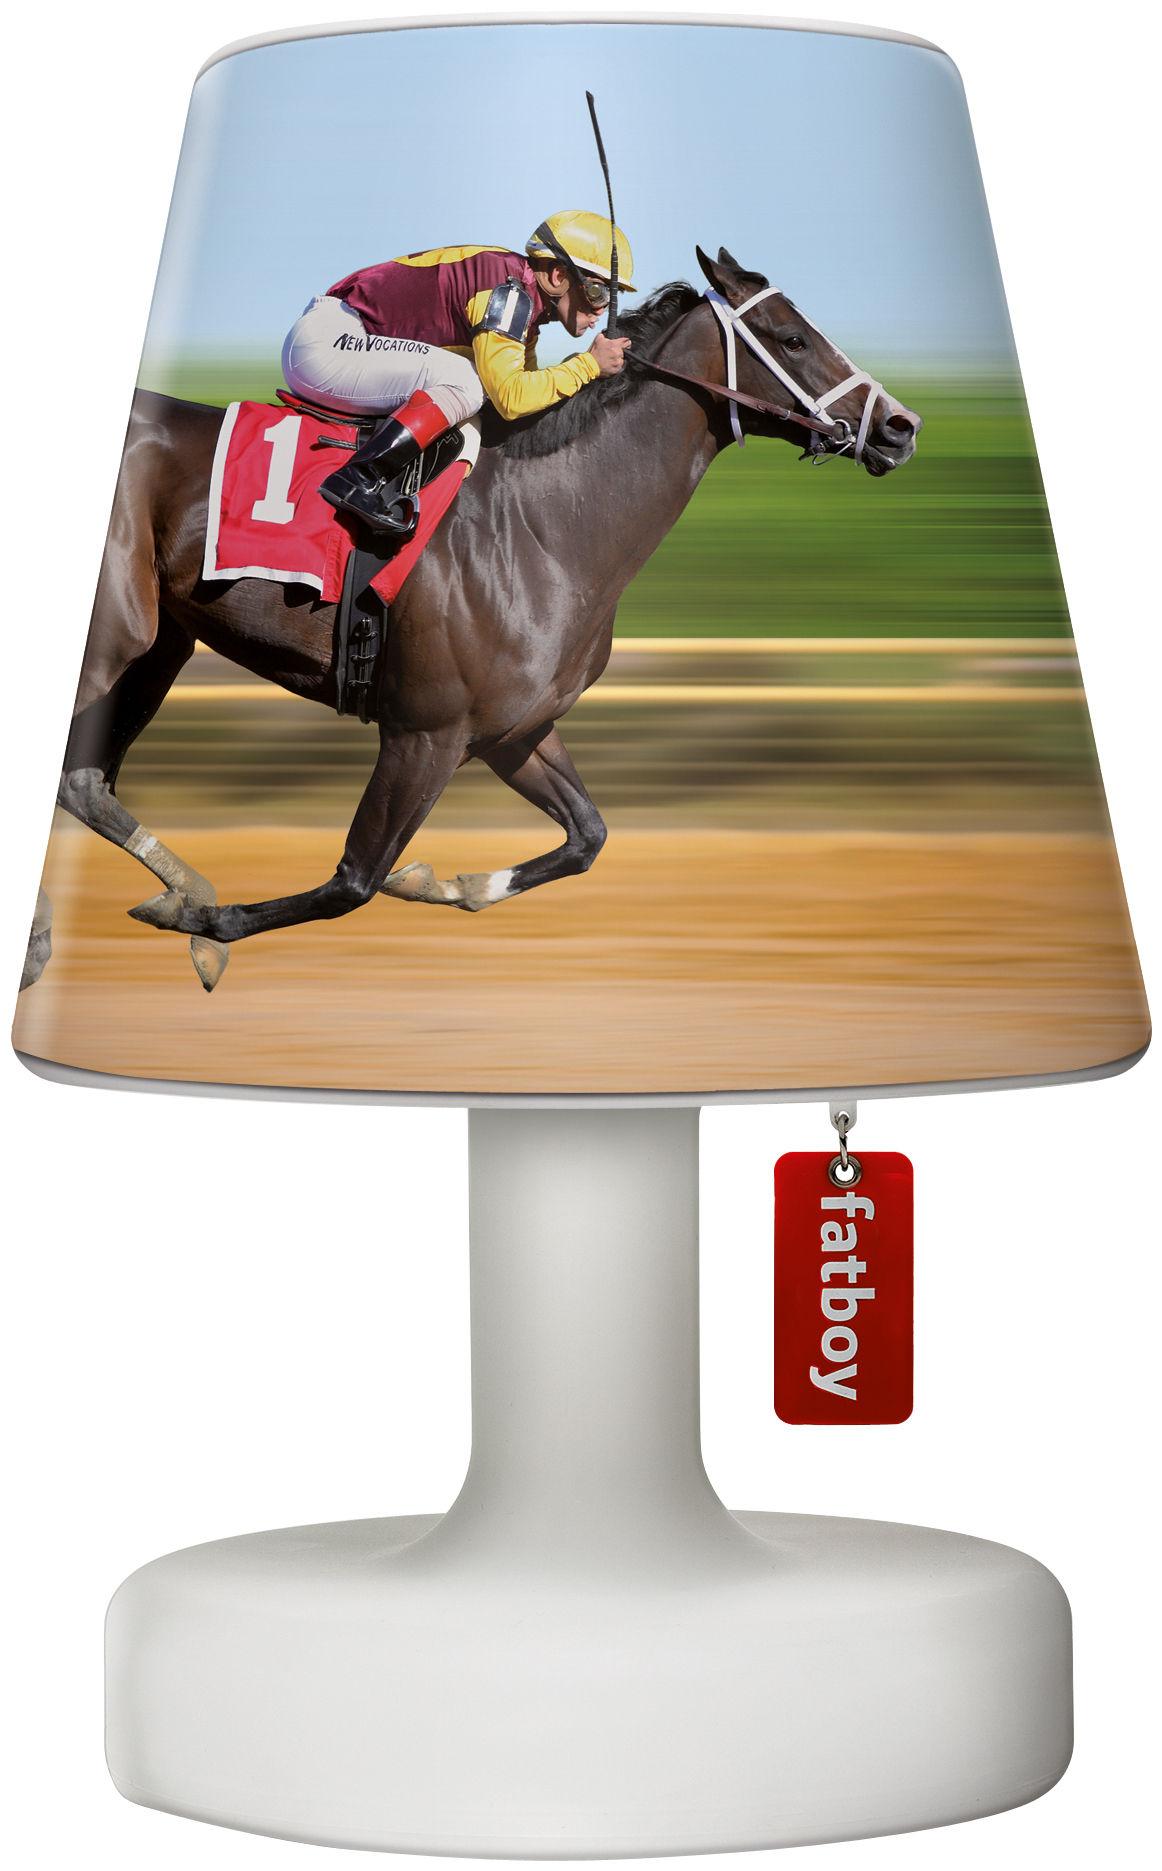 Luminaire - Lampes de table - Abat-jour Cooper Cappie / Pour lampe Edison the Petit - Fatboy - Horse race / Chevaux multicolores - Polypropylène